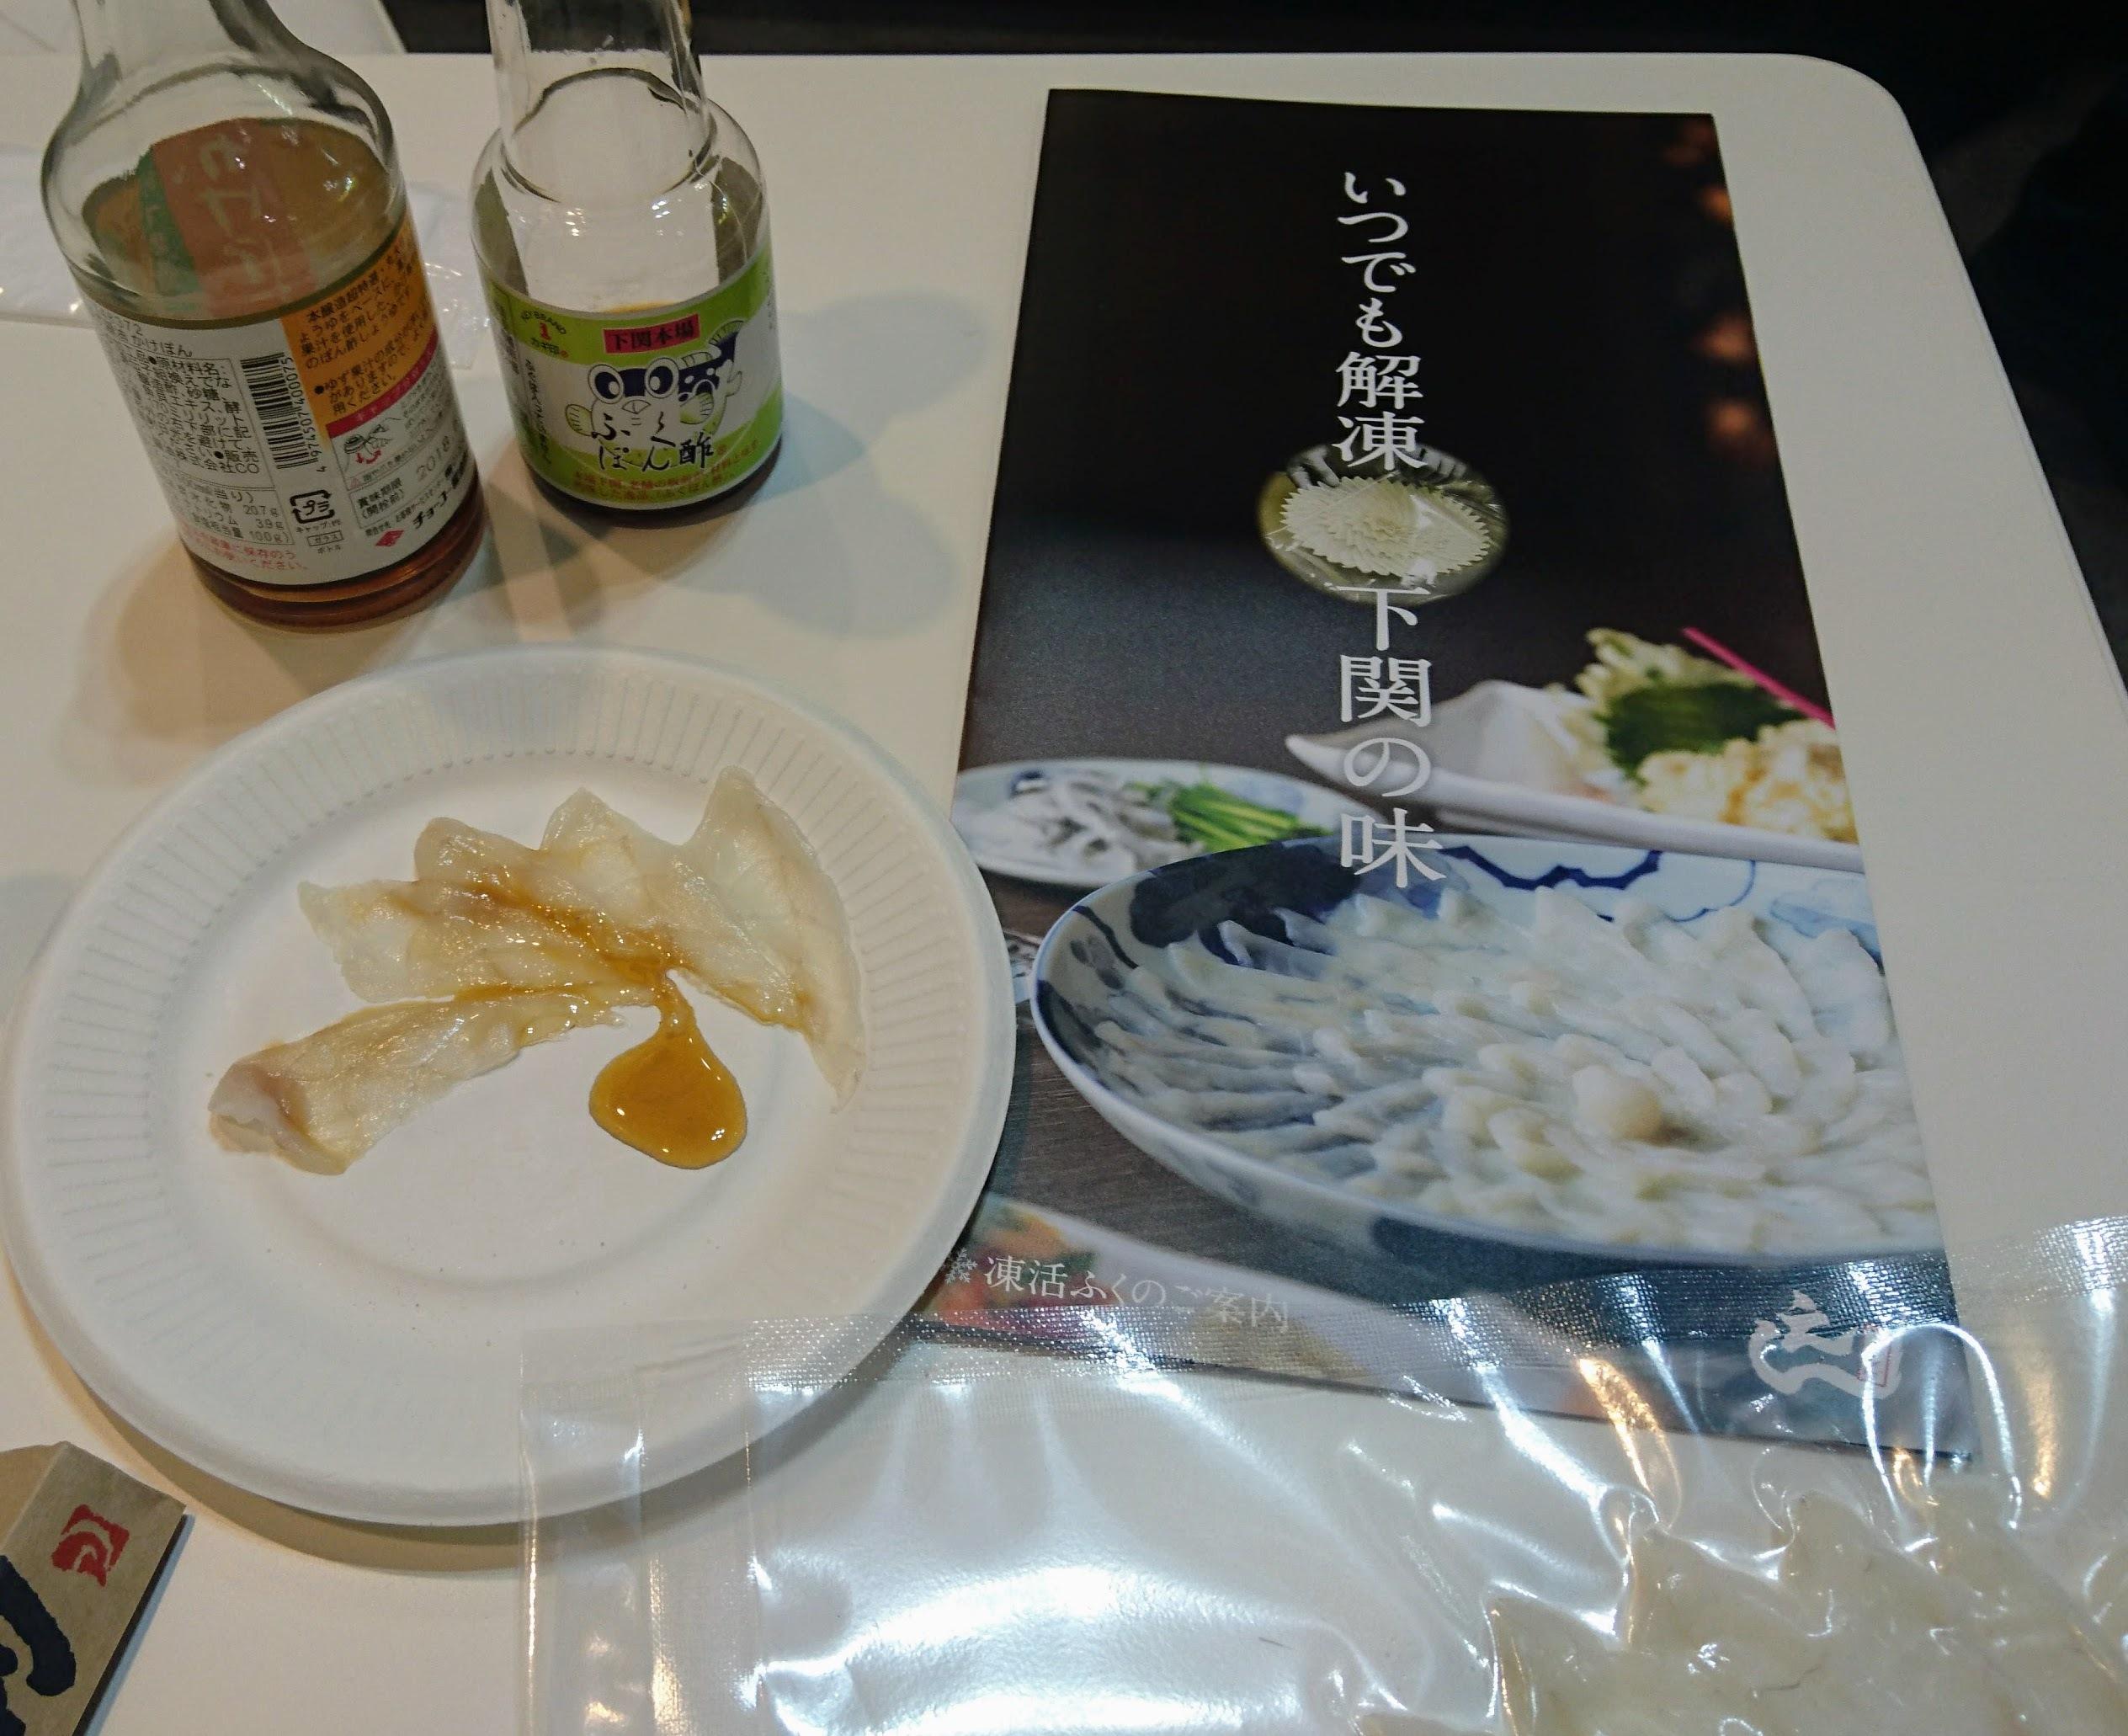 株式会社モリシゲ 凍活ふぐ@東京ビッグサイト 外食ビジネスウィーク2017